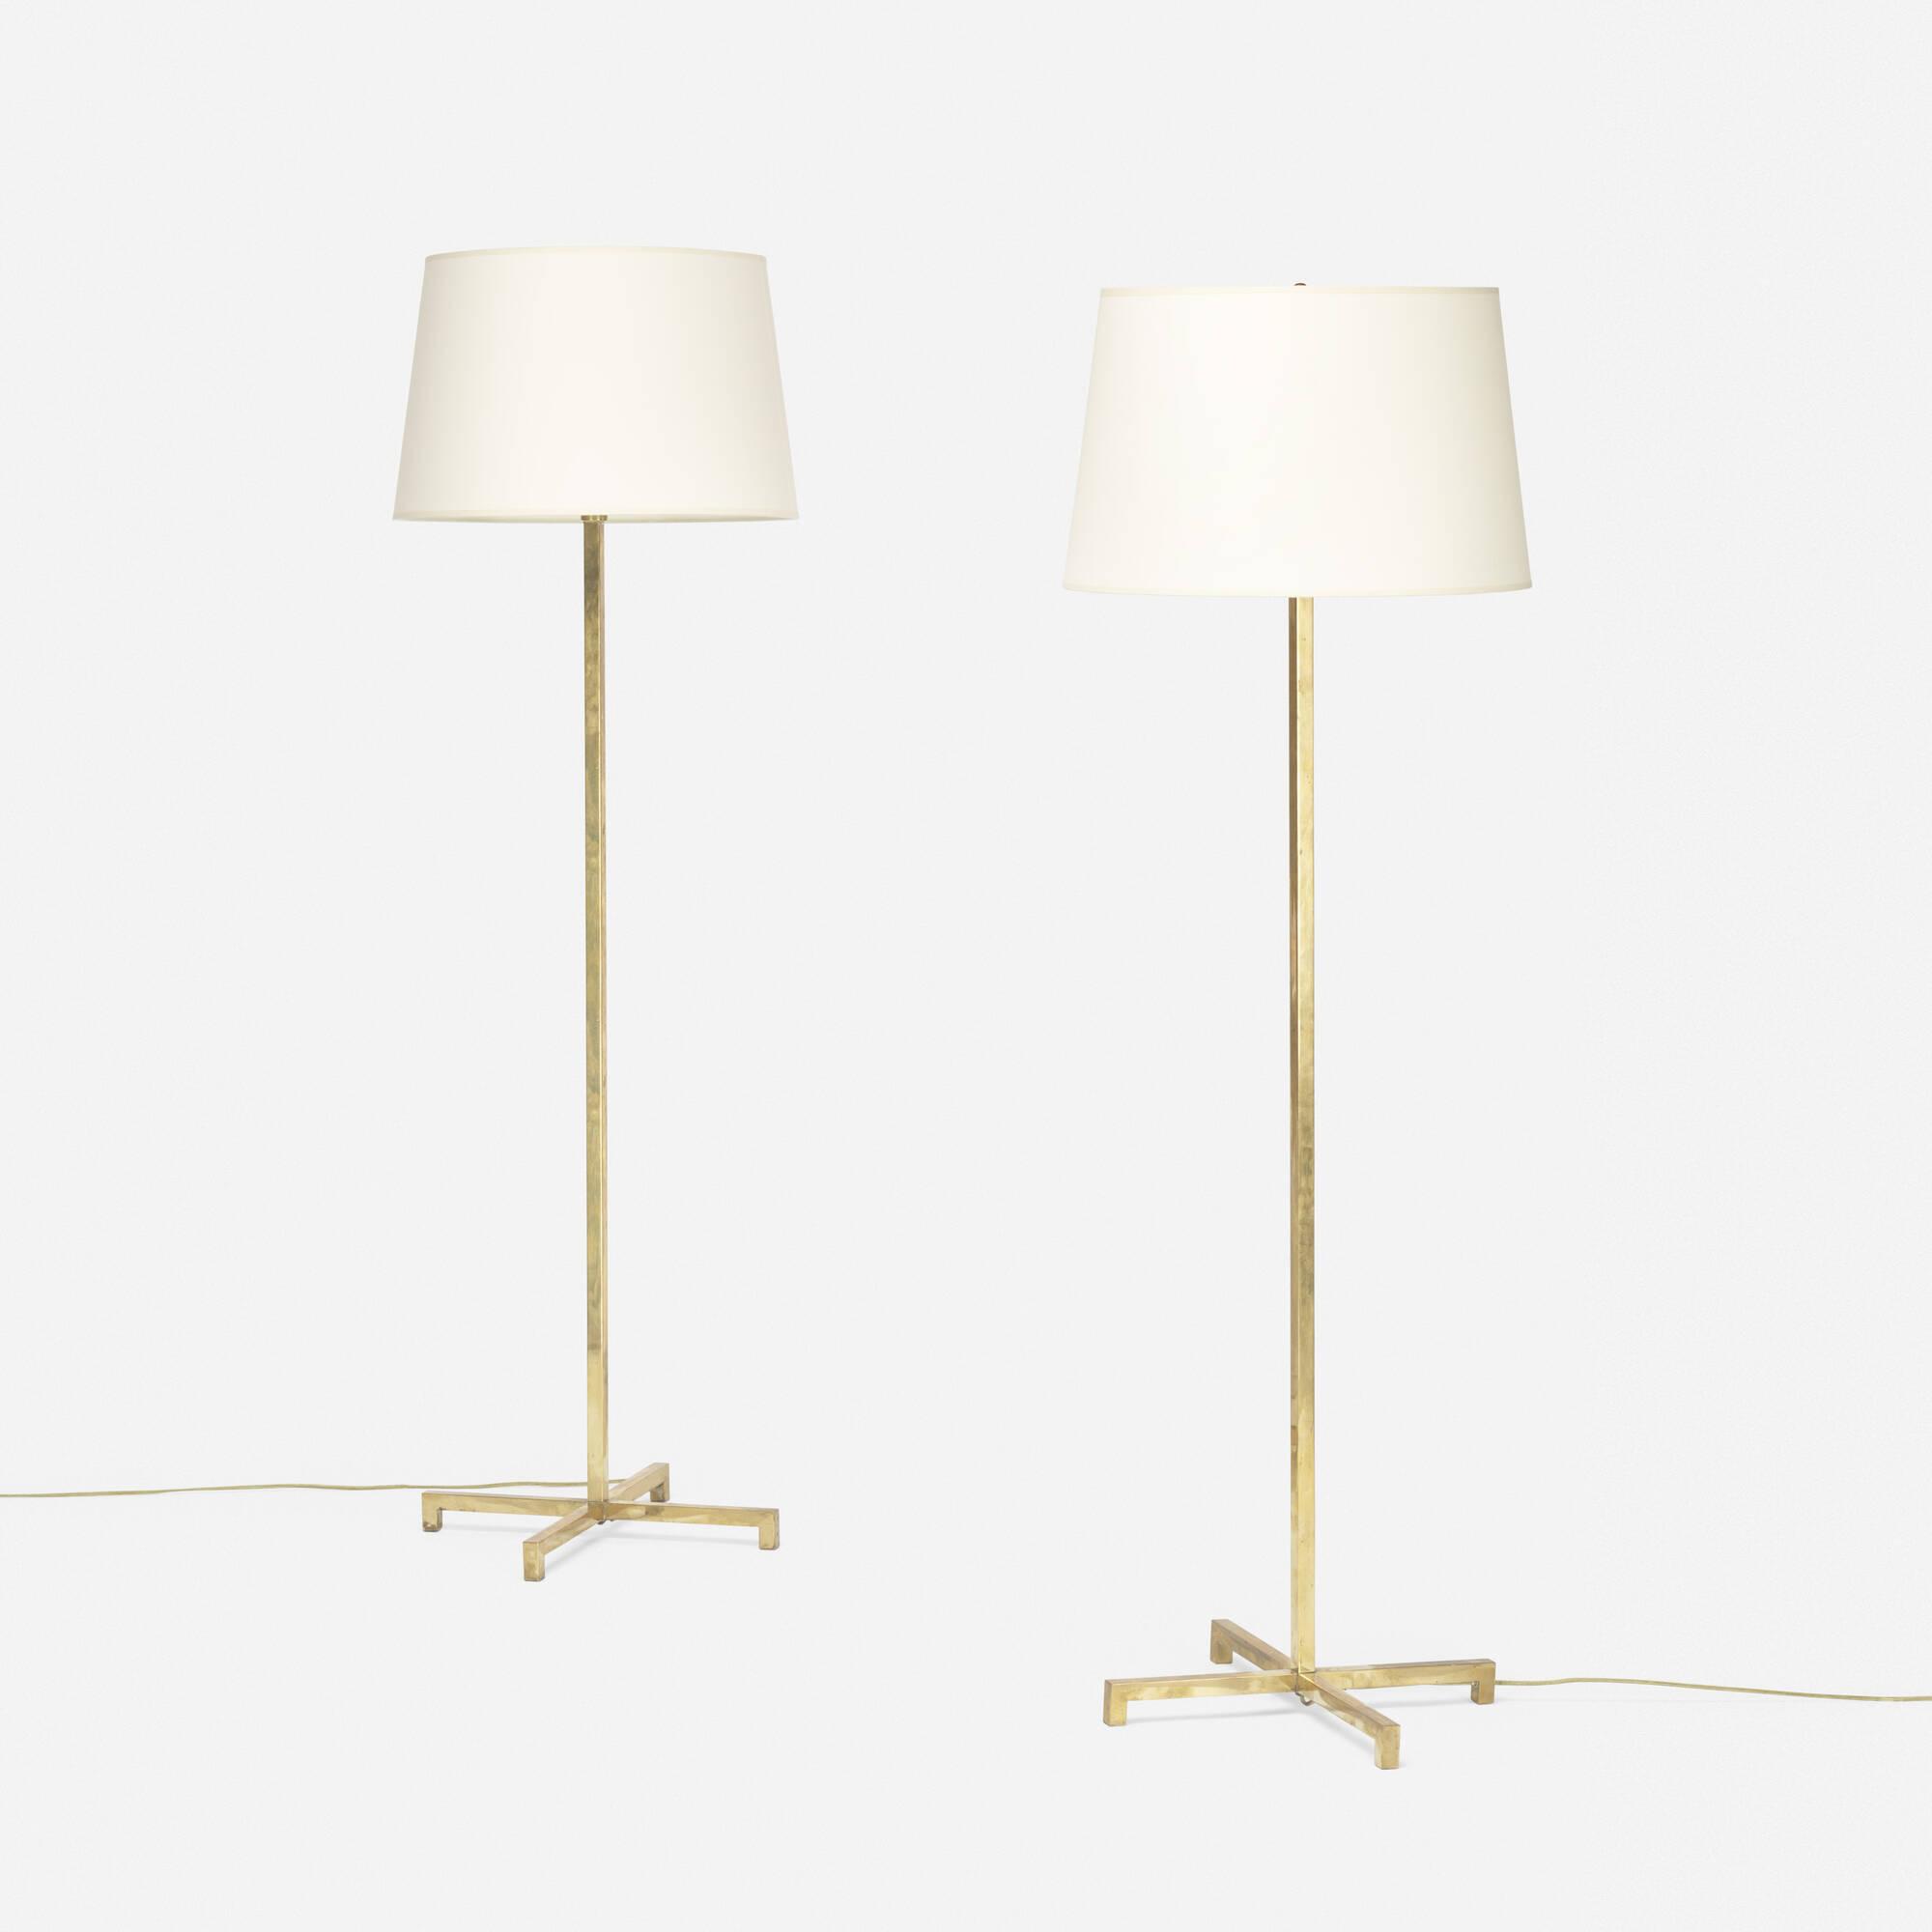 384: T.H. Robsjohn-Gibbings / floor lamps model 211, pair (1 of 2)